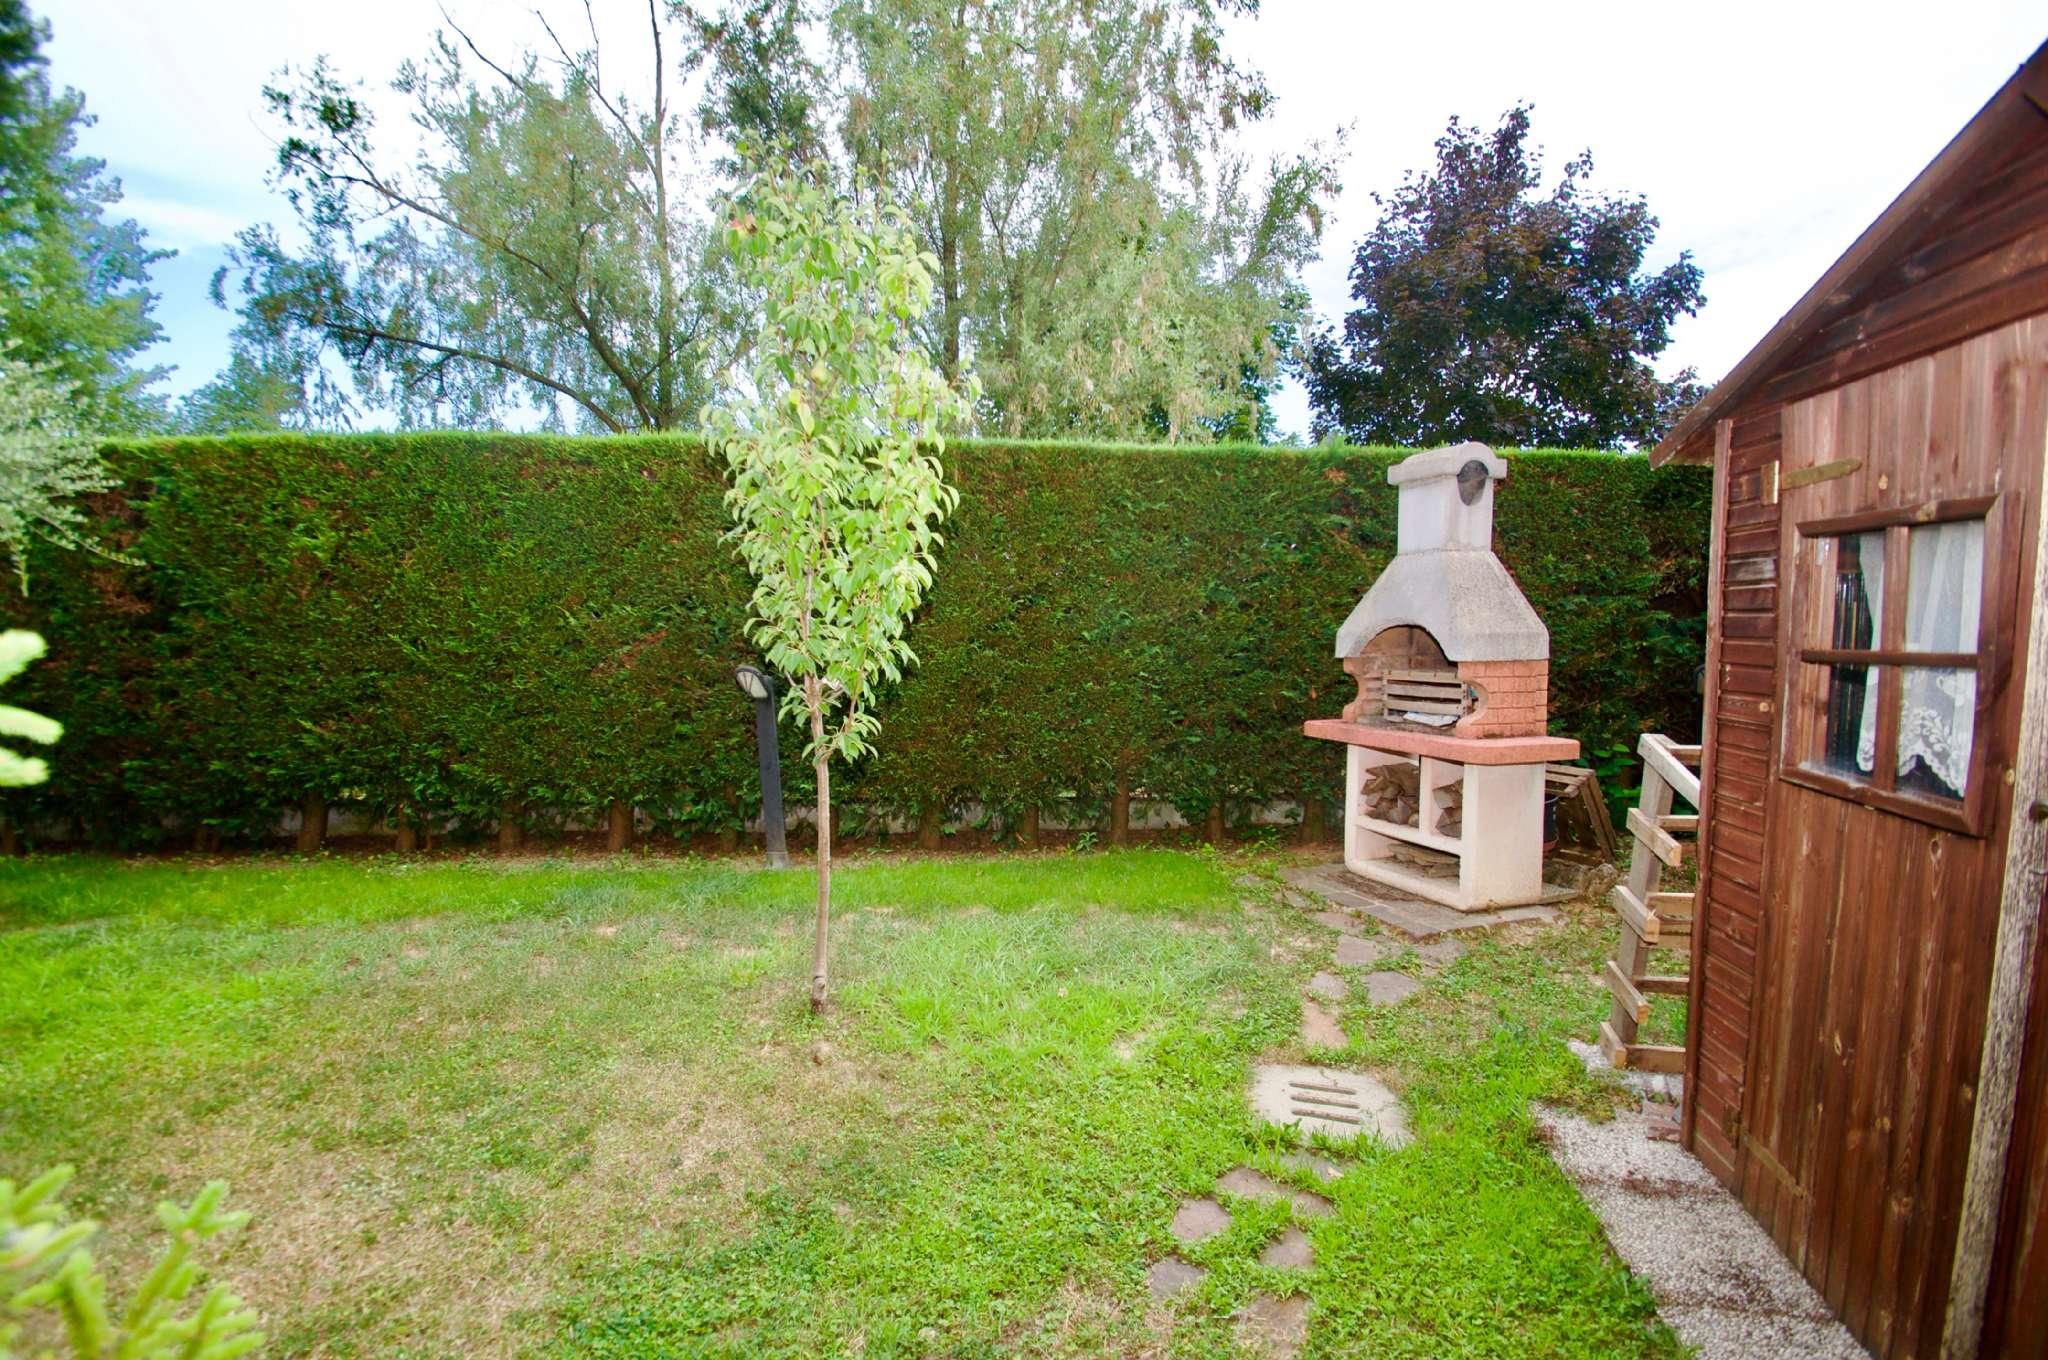 Appartamento in vendita a Maserà di Padova, 3 locali, prezzo € 139.000 | CambioCasa.it